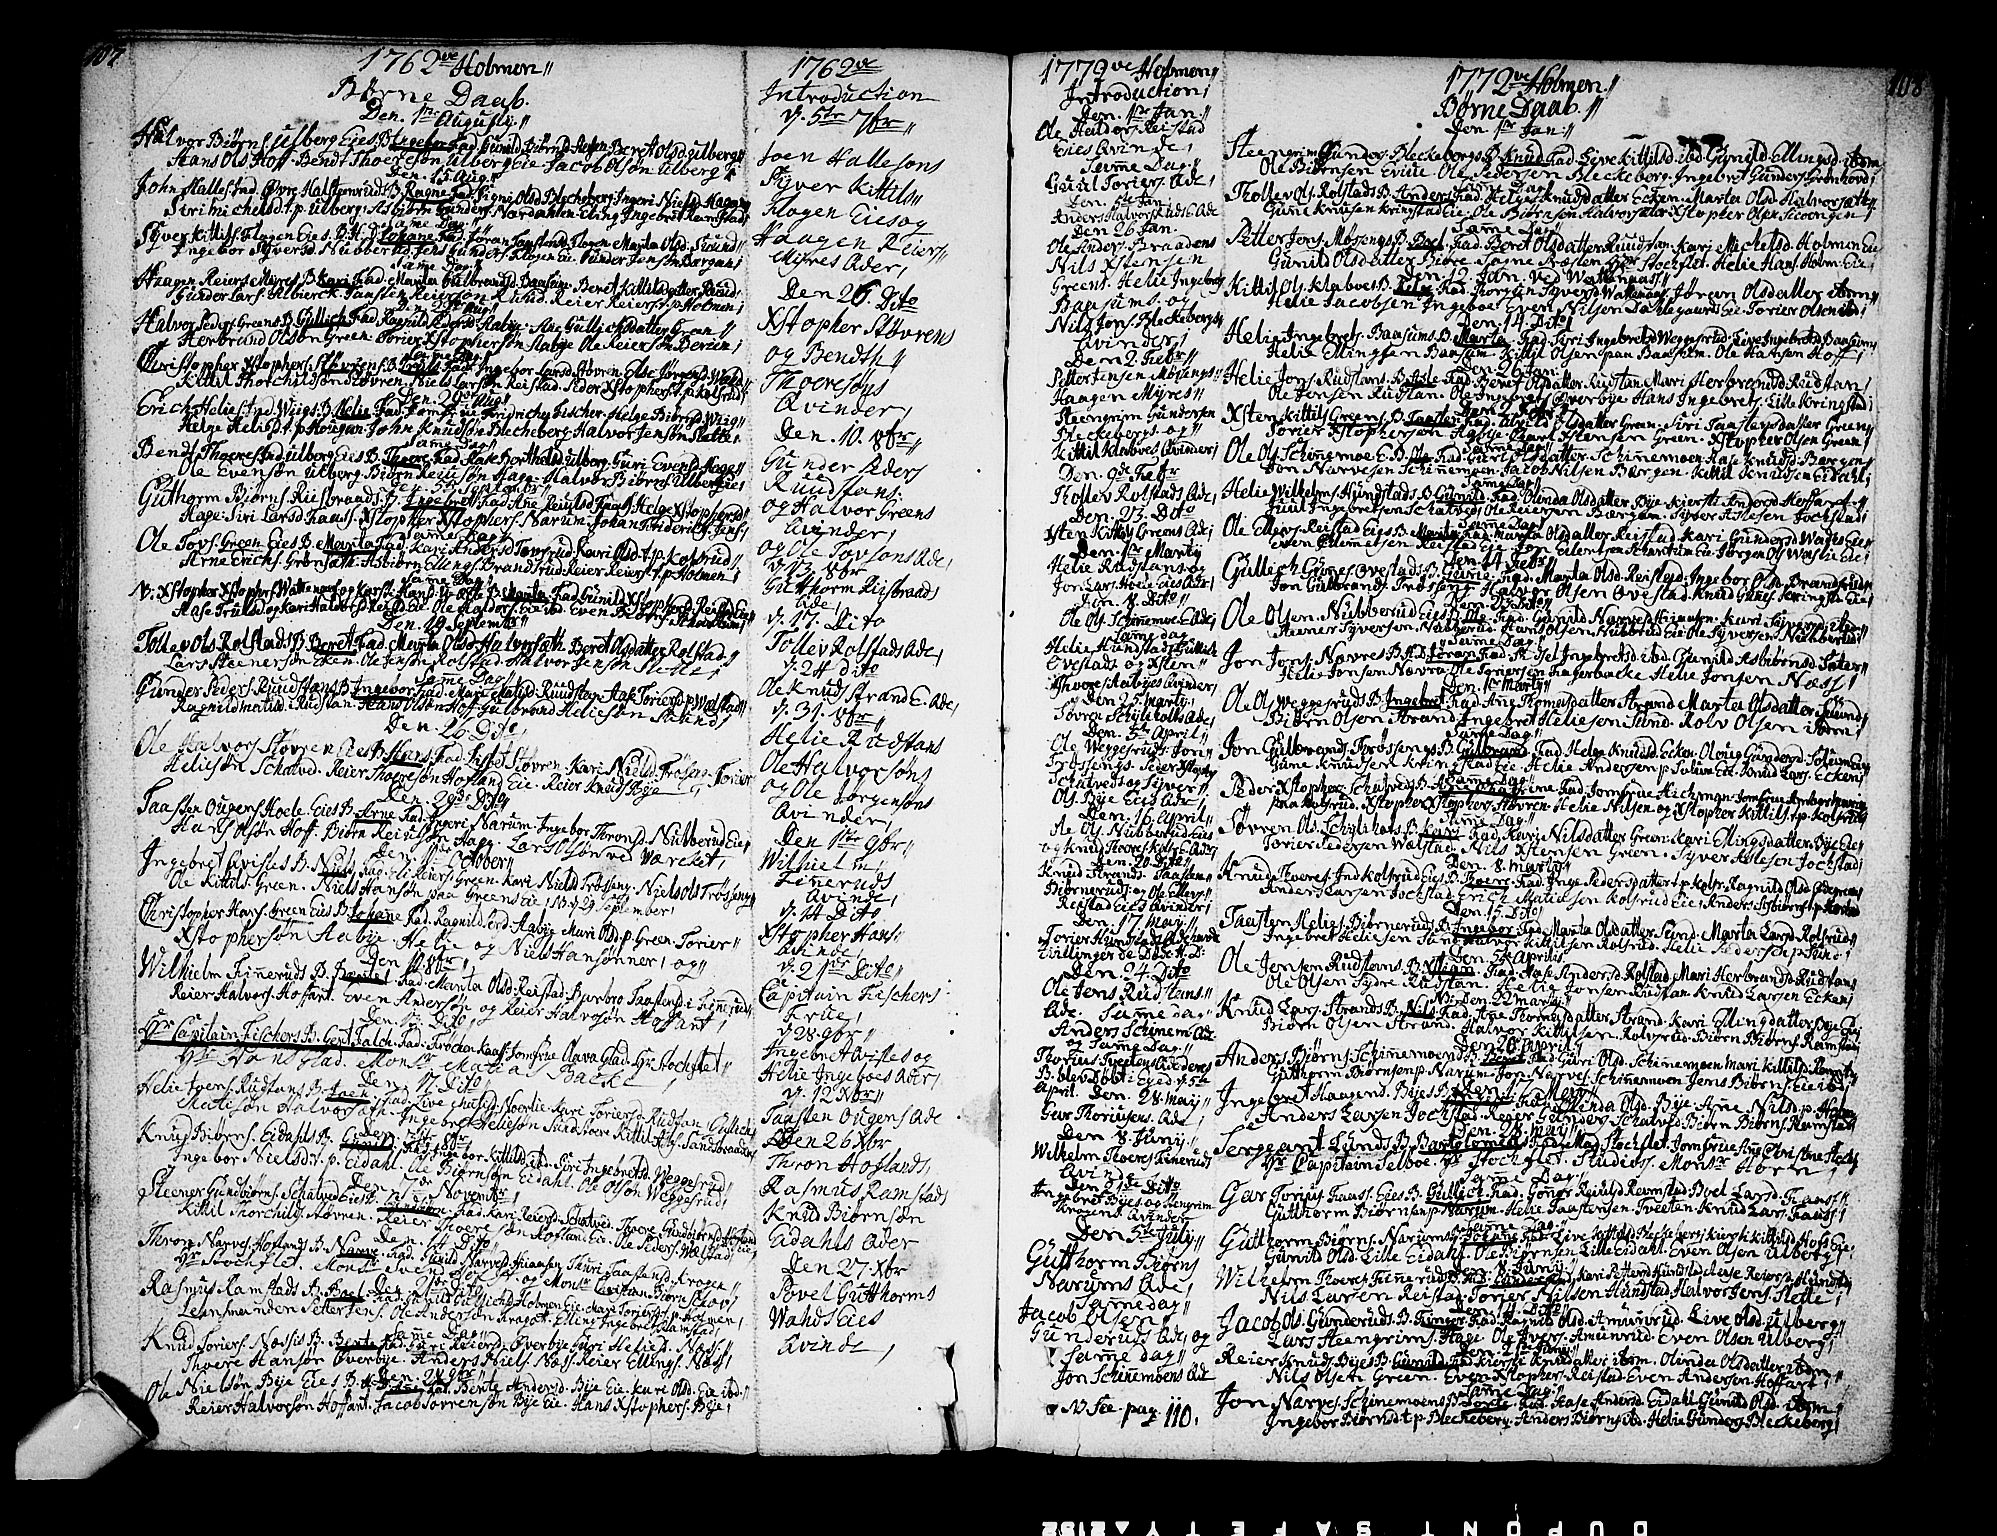 SAKO, Sigdal kirkebøker, F/Fa/L0001: Ministerialbok nr. I 1, 1722-1777, s. 107-108